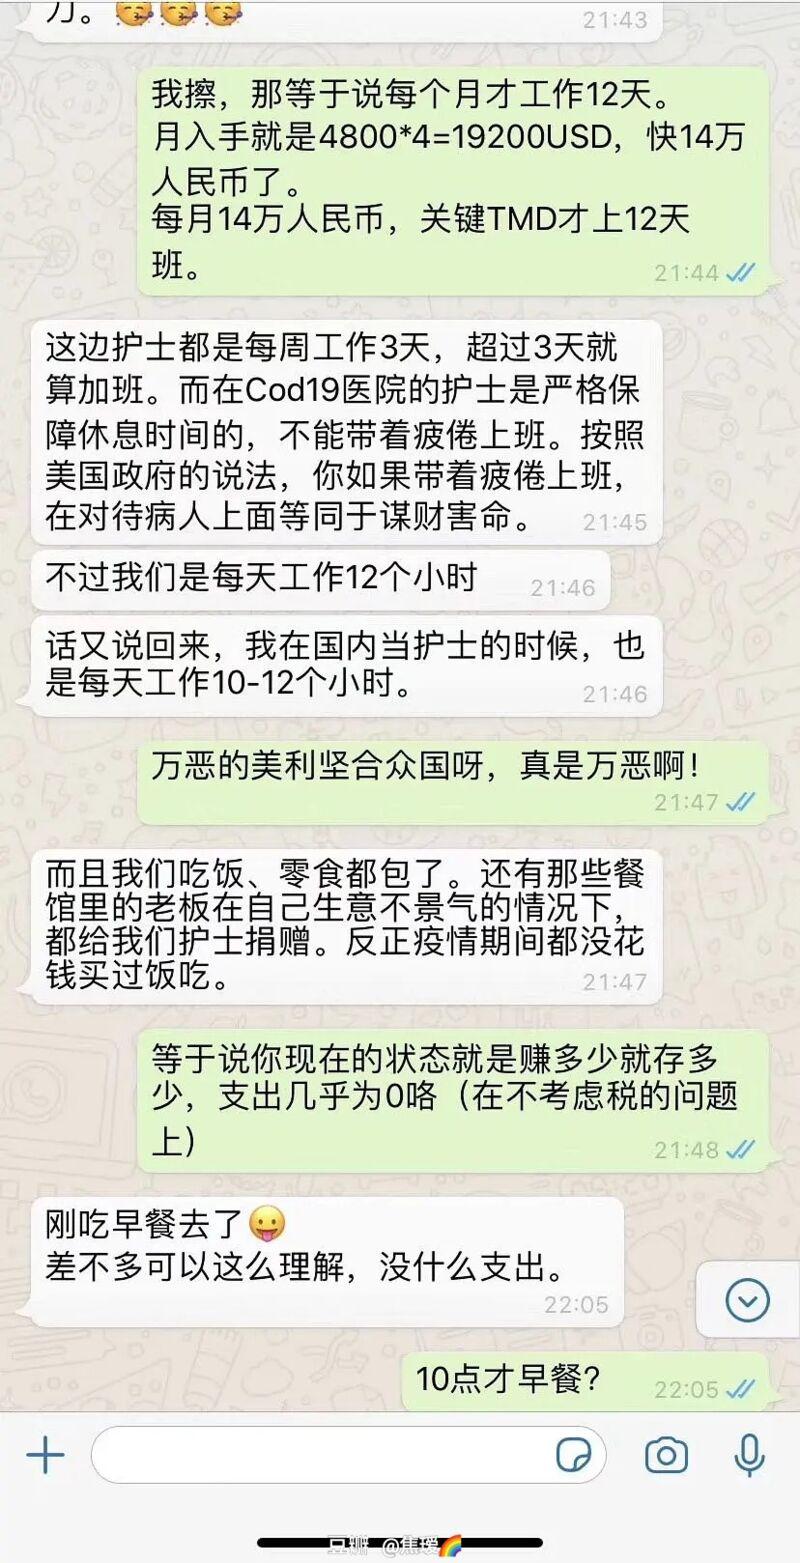 中国女护士赴美旅游被征用!每周干3天, 月薪14万